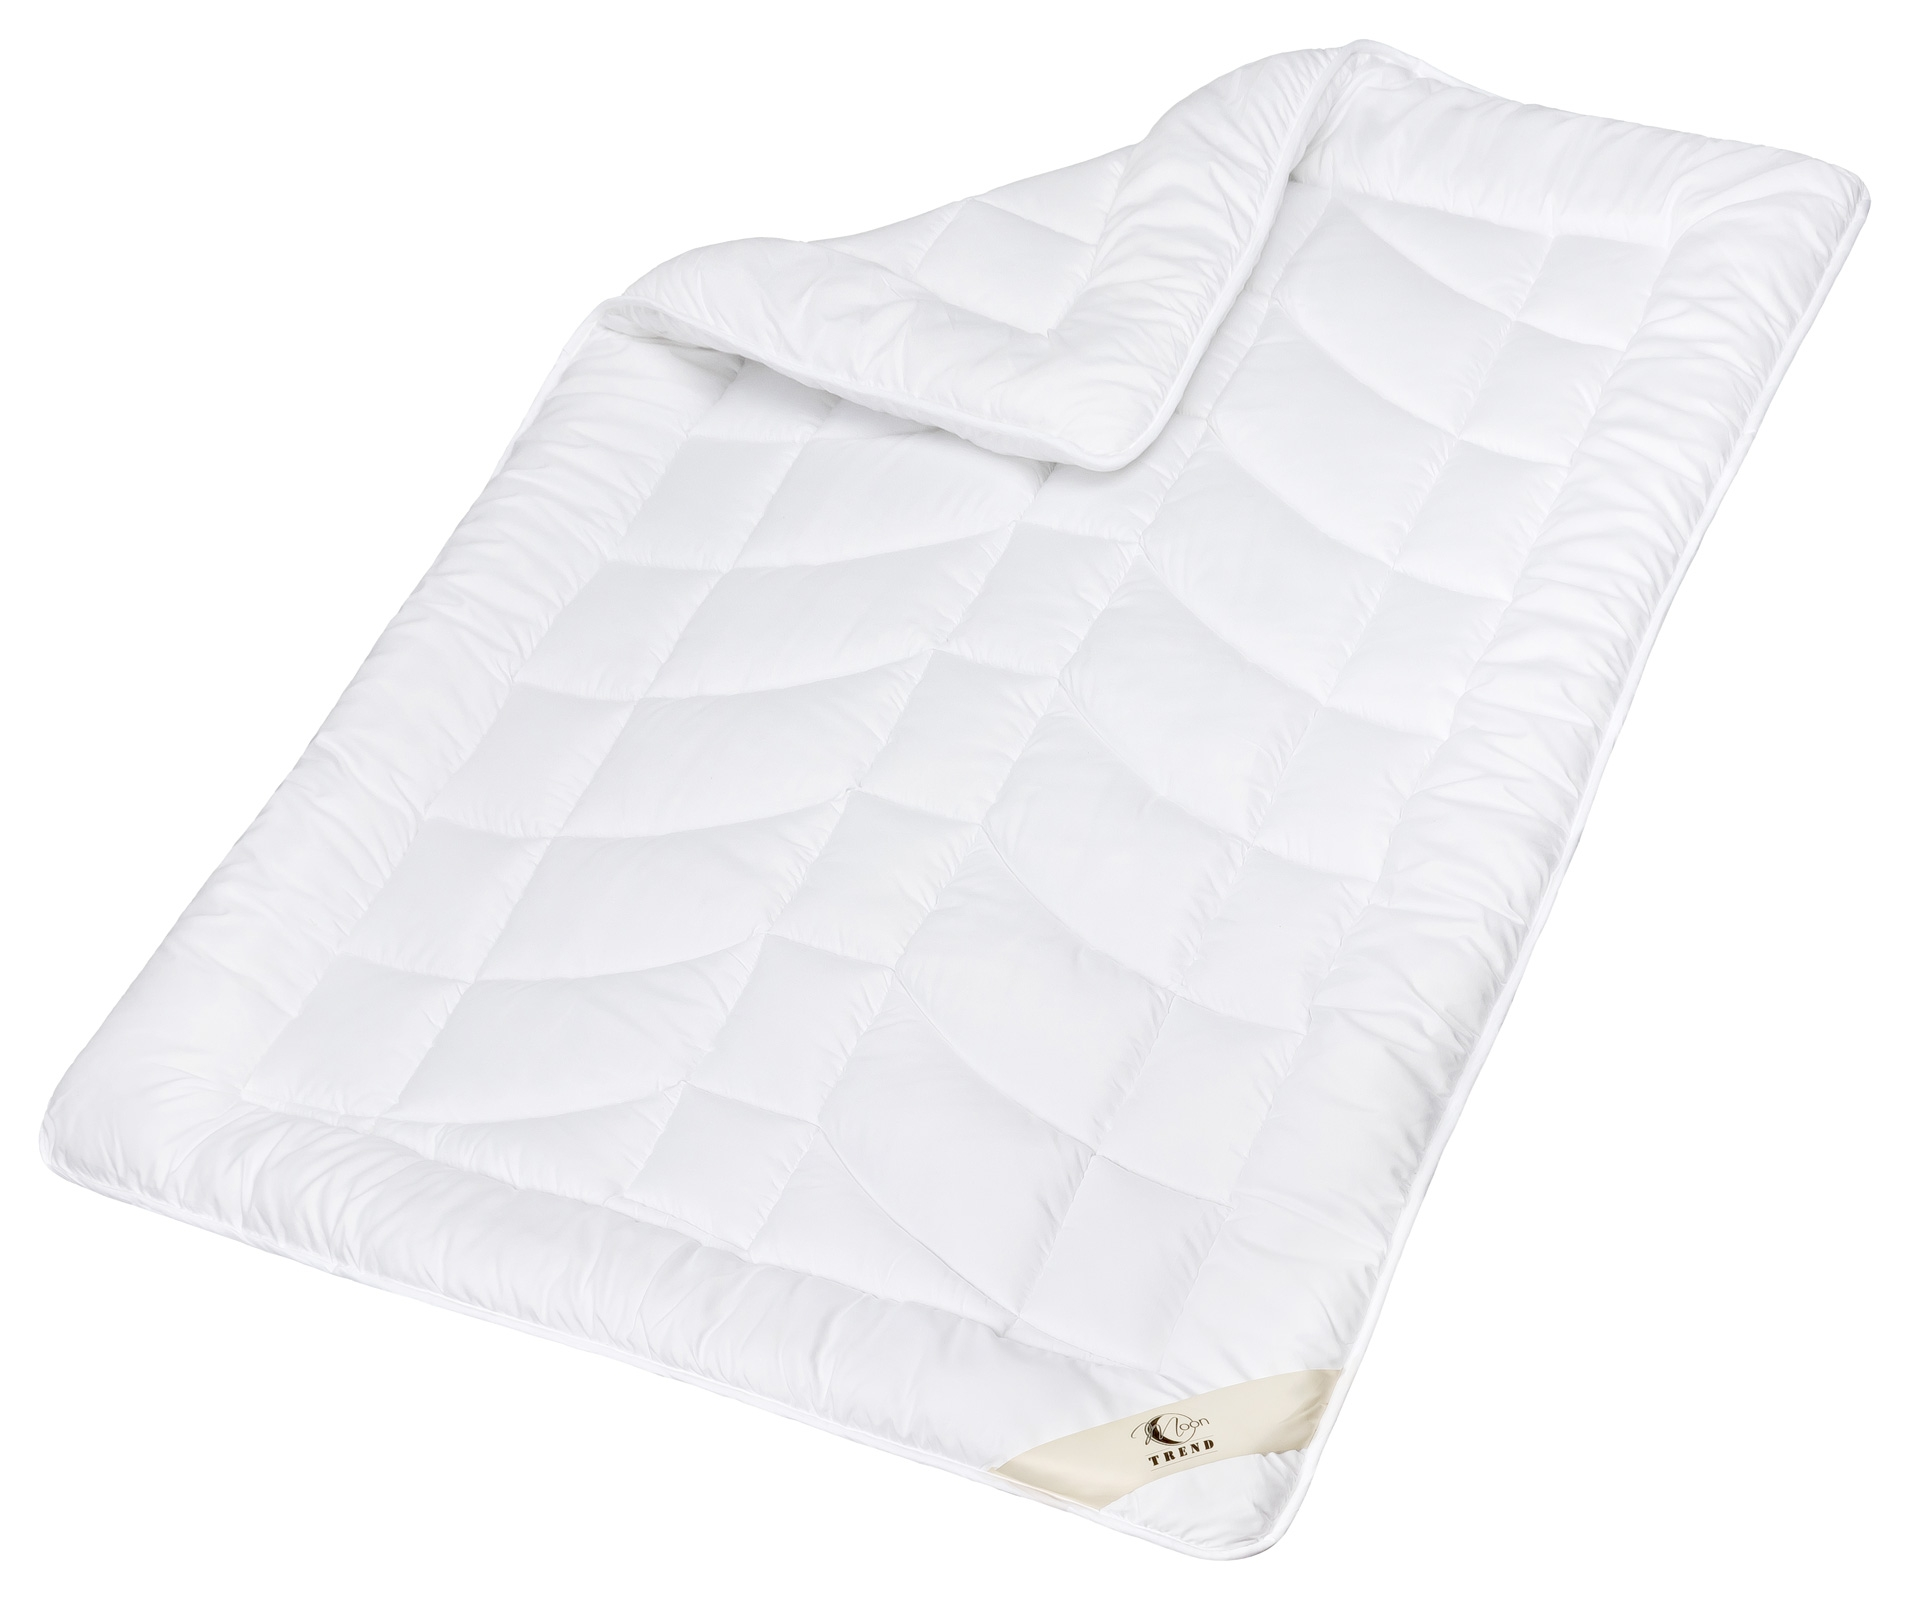 Bettdecken und Kopfkissen - MOON Trend Monodecke Ganzjahresdecke Bettdecke 95° waschbar  - Onlineshop PremiumShop321